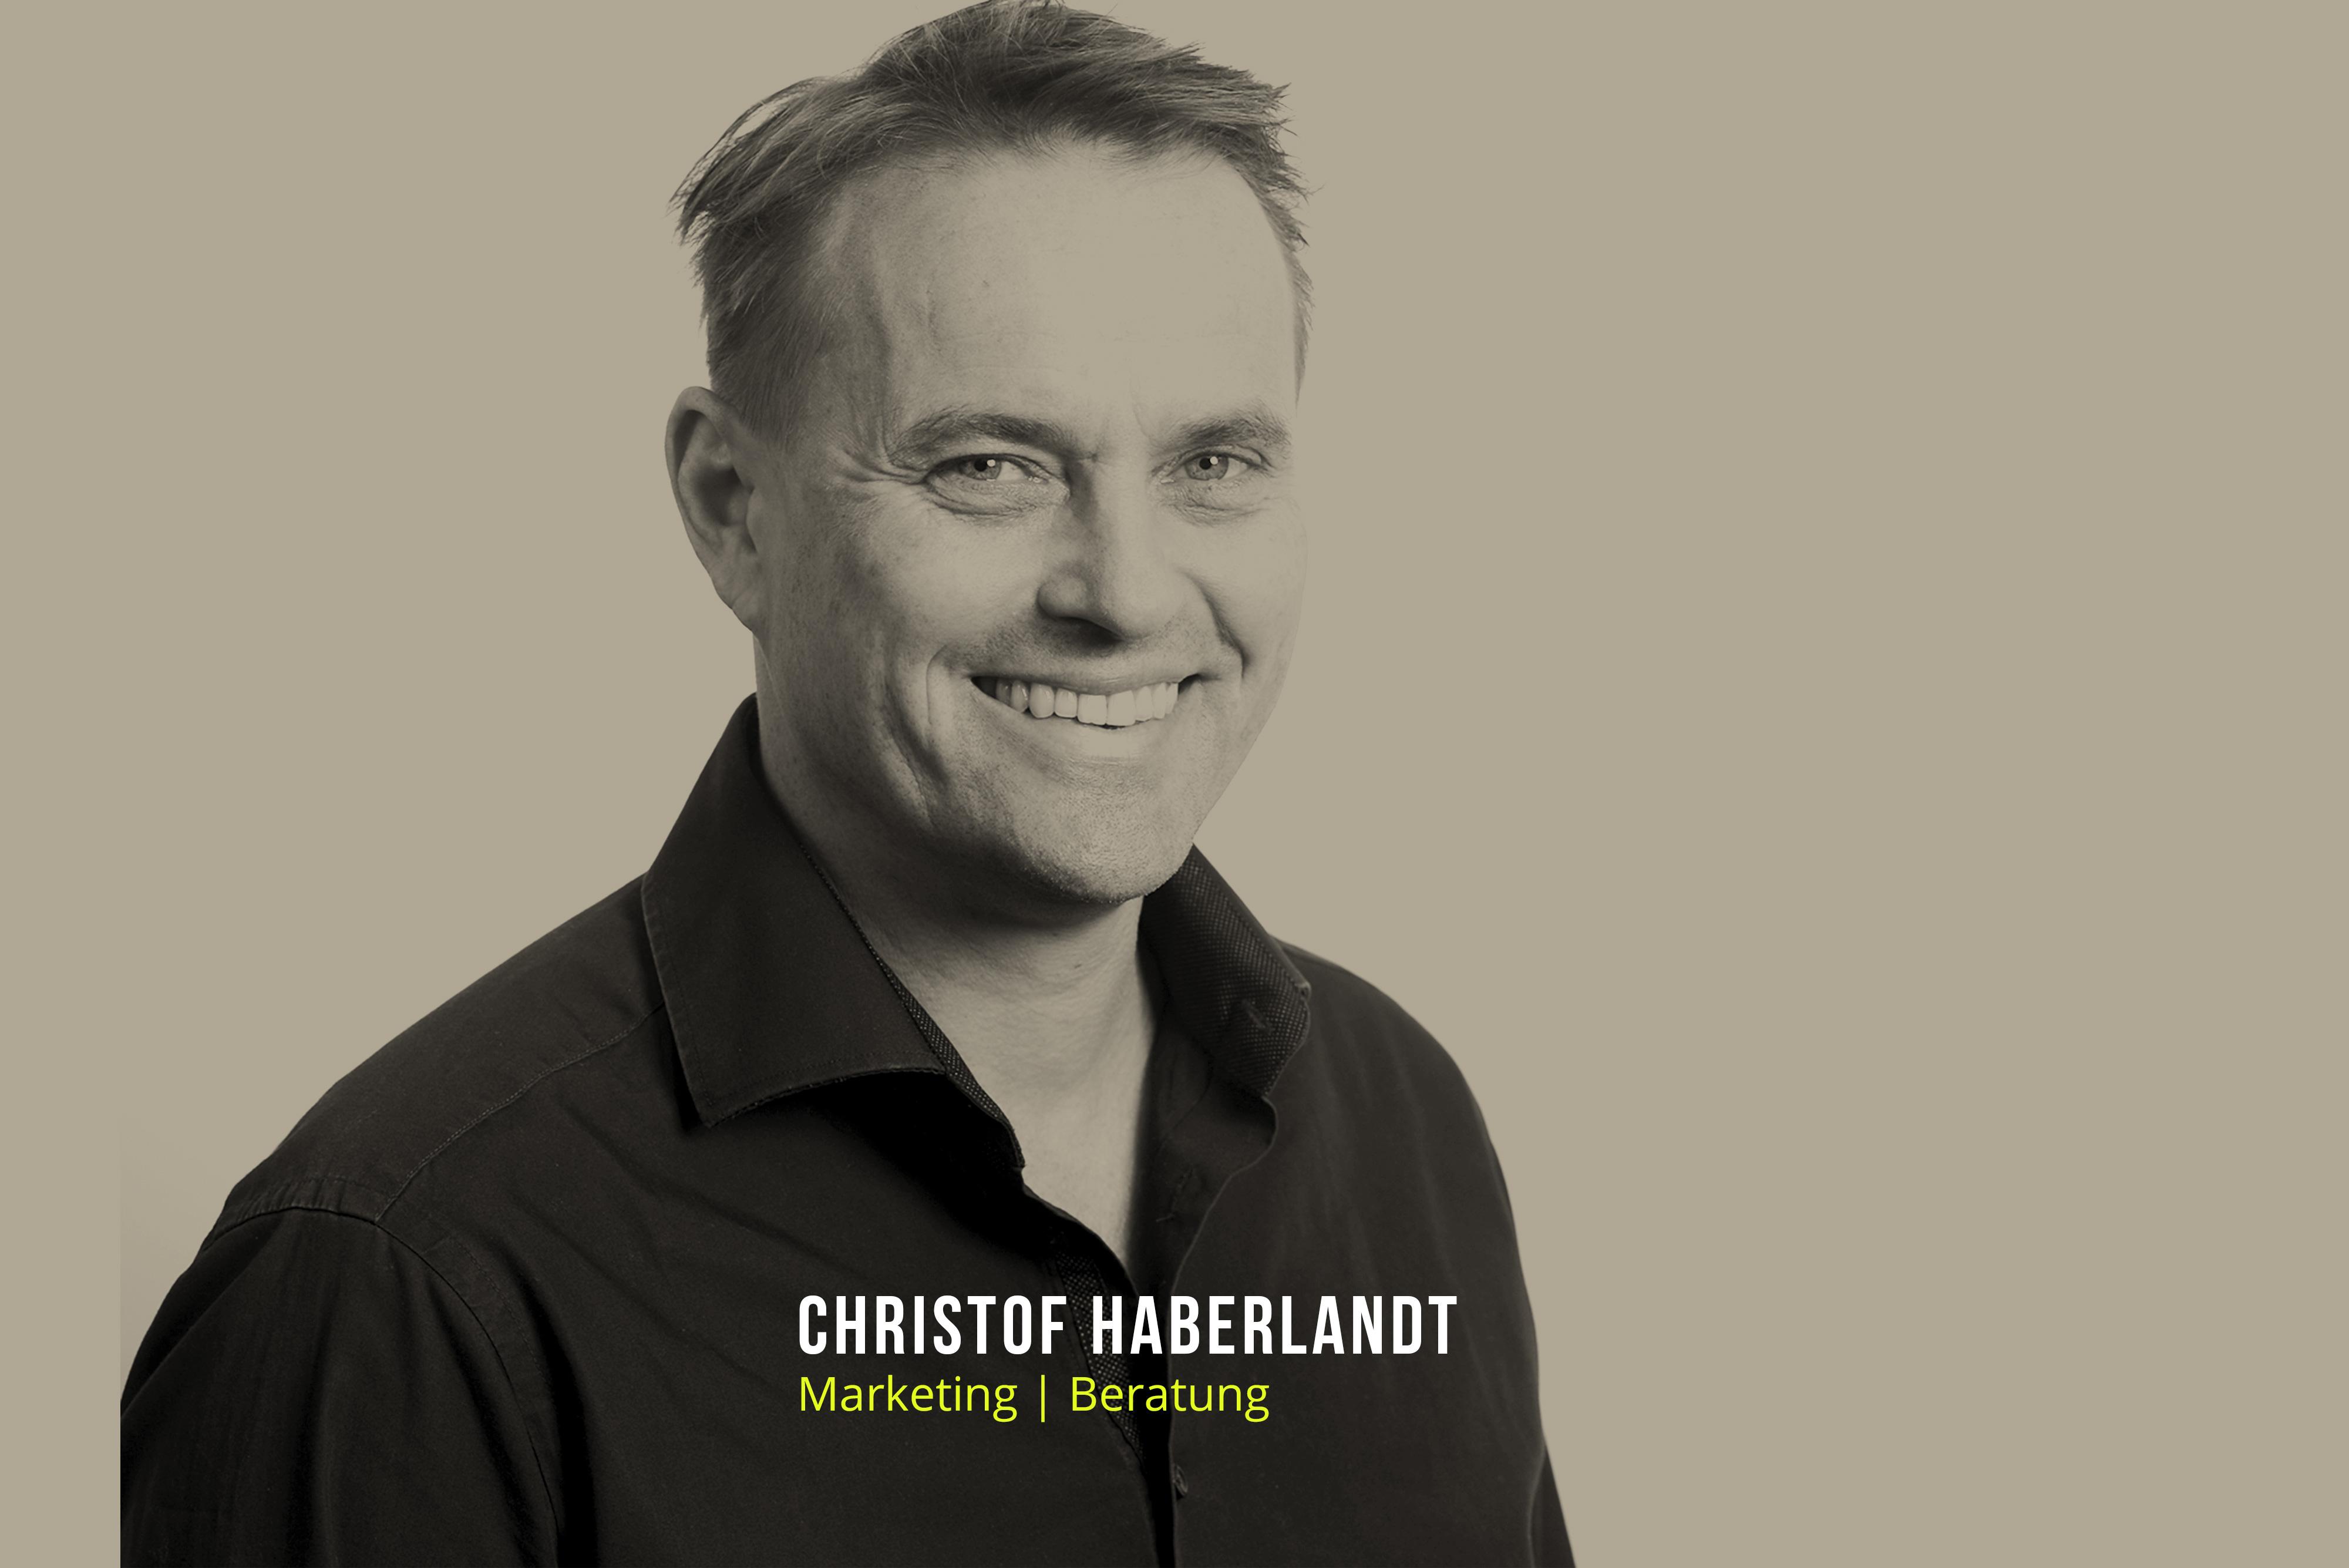 Christof Haberlandt Konzept